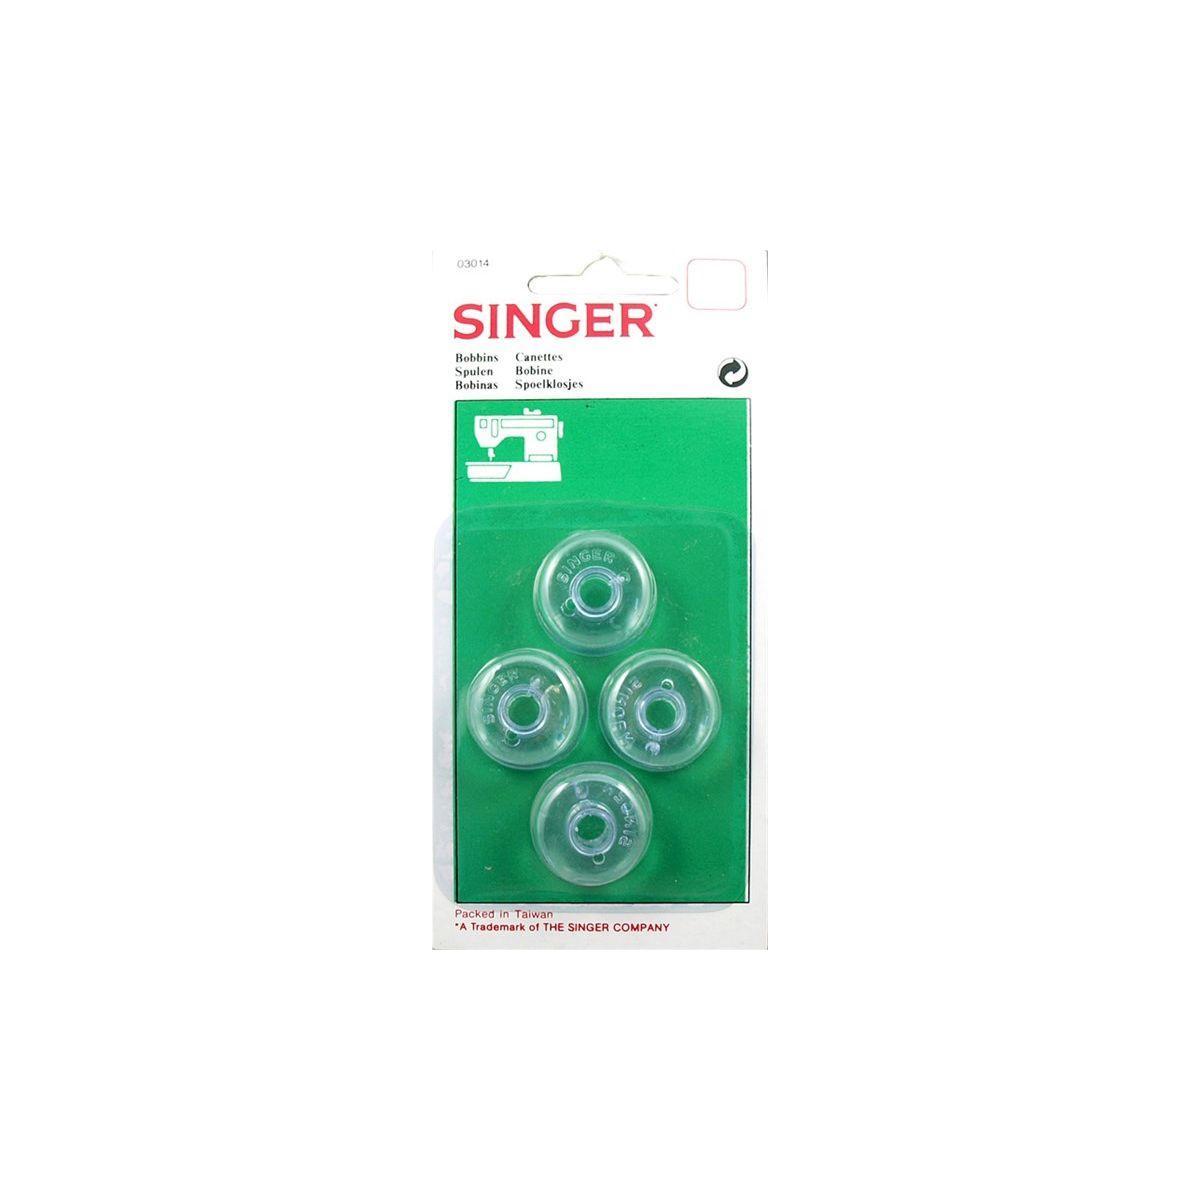 Canettes singer canette basse x4 - 5% de remise imm�diate avec le code : cadeau5 (photo)